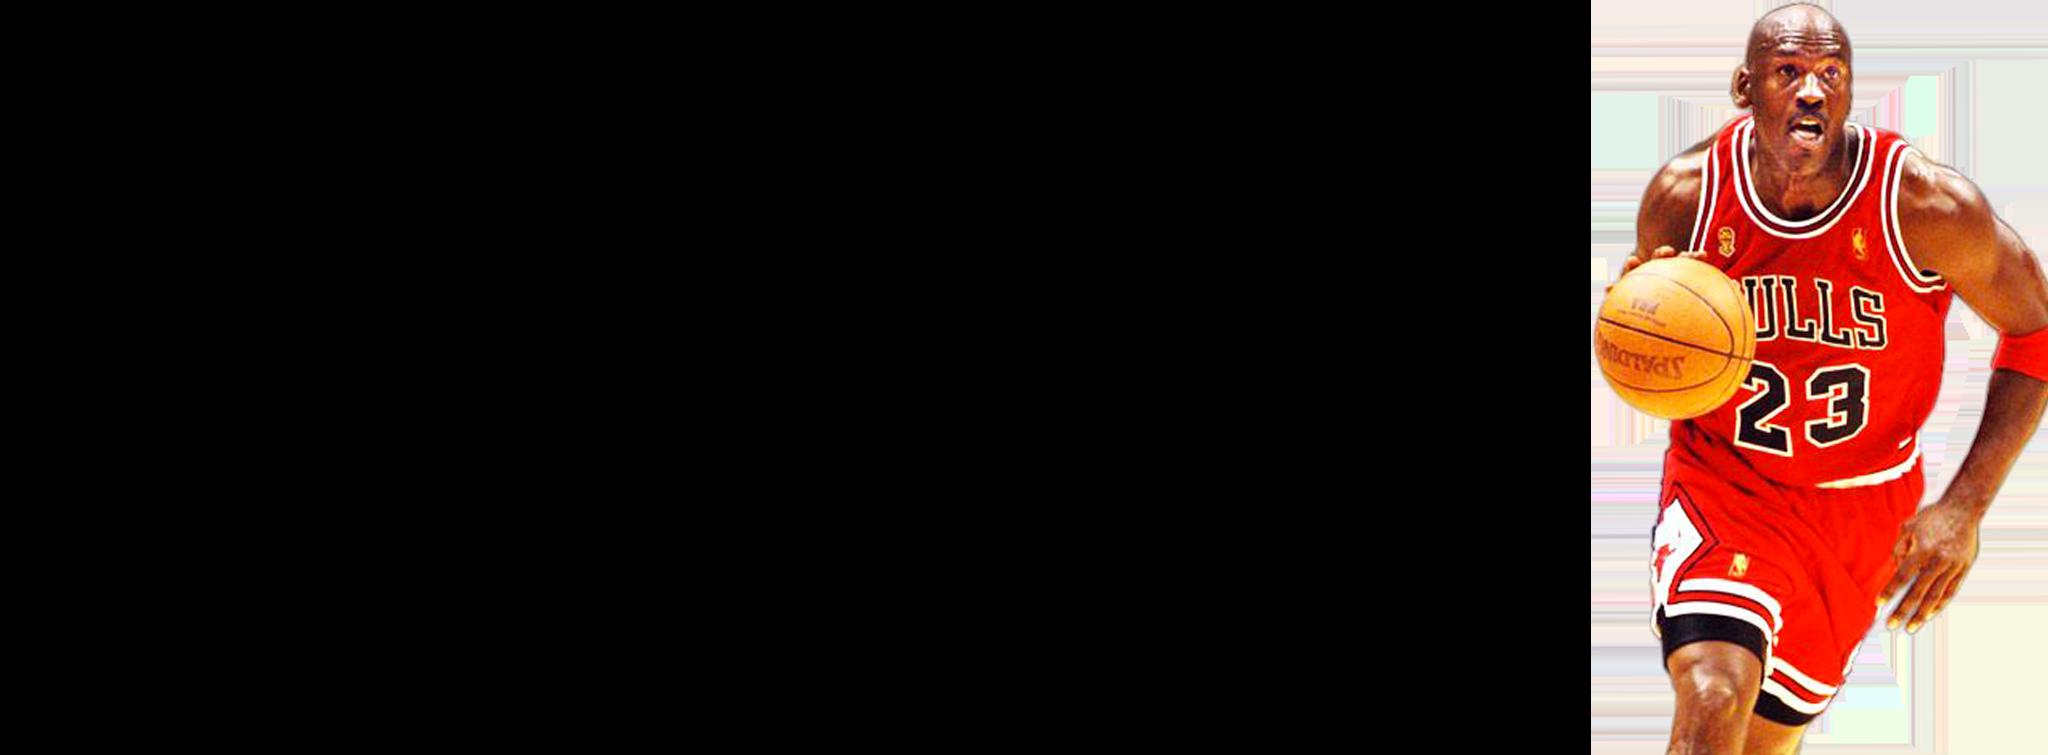 jordan-png